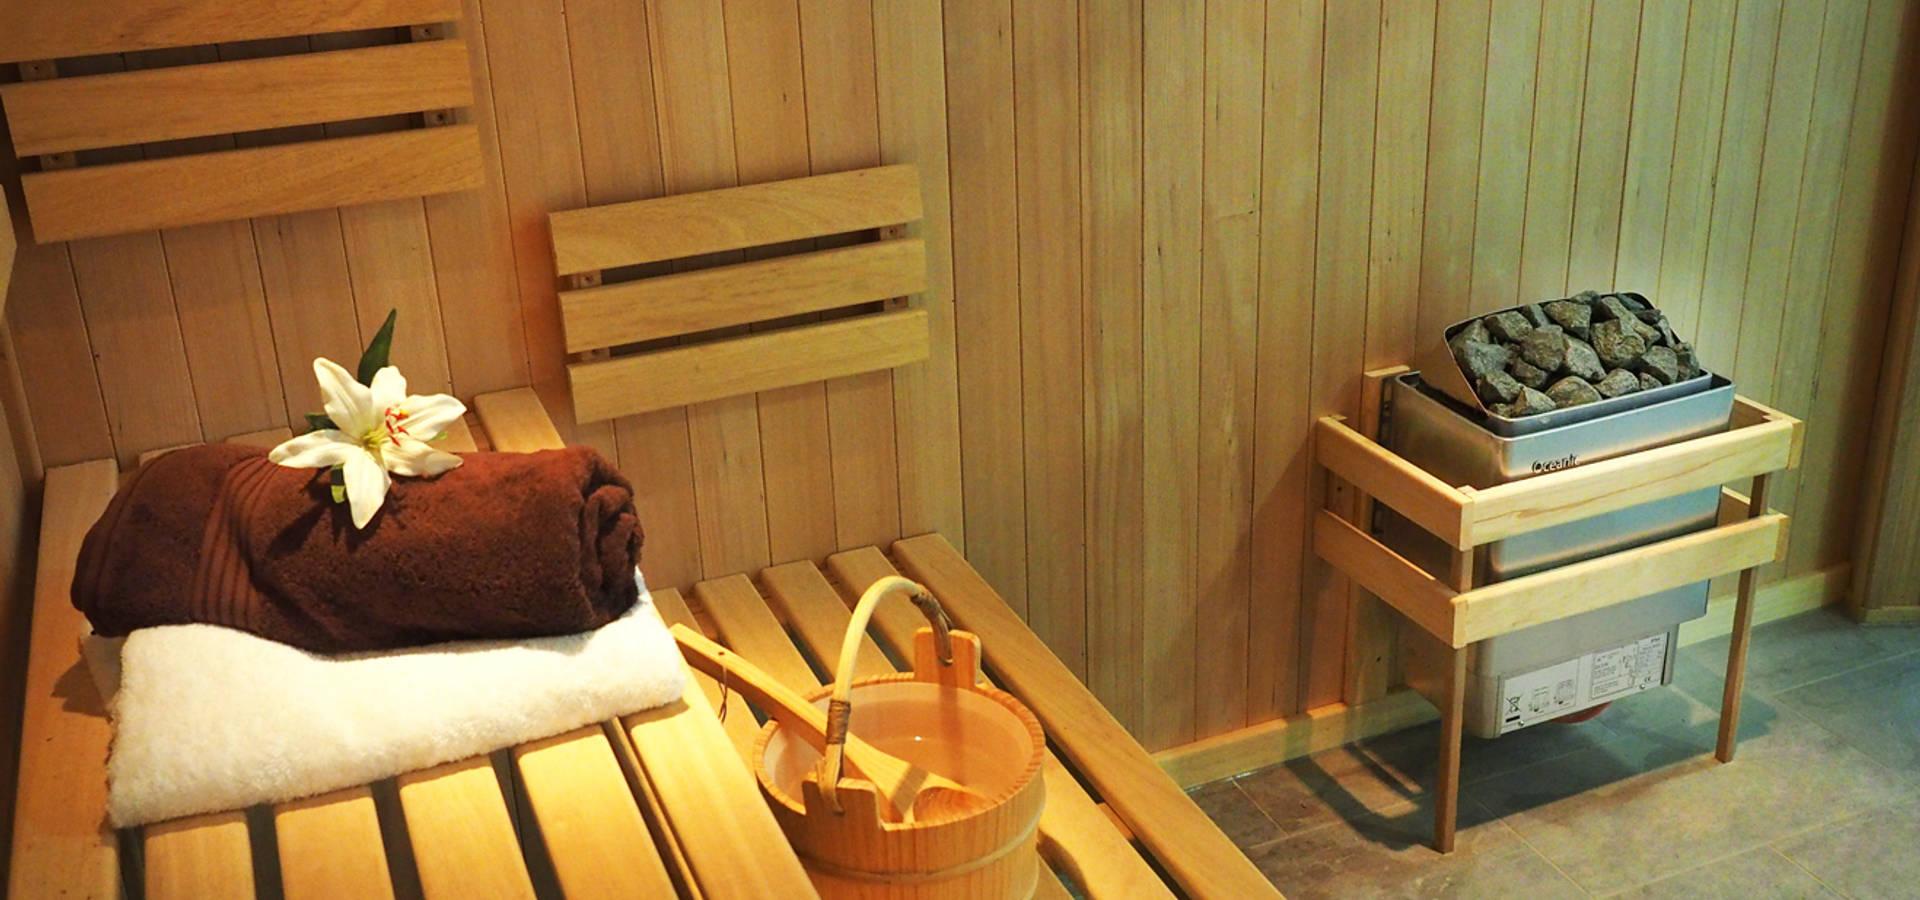 Innenarchitektur Sauna Bilder Ideen Von Oceanic Saunas